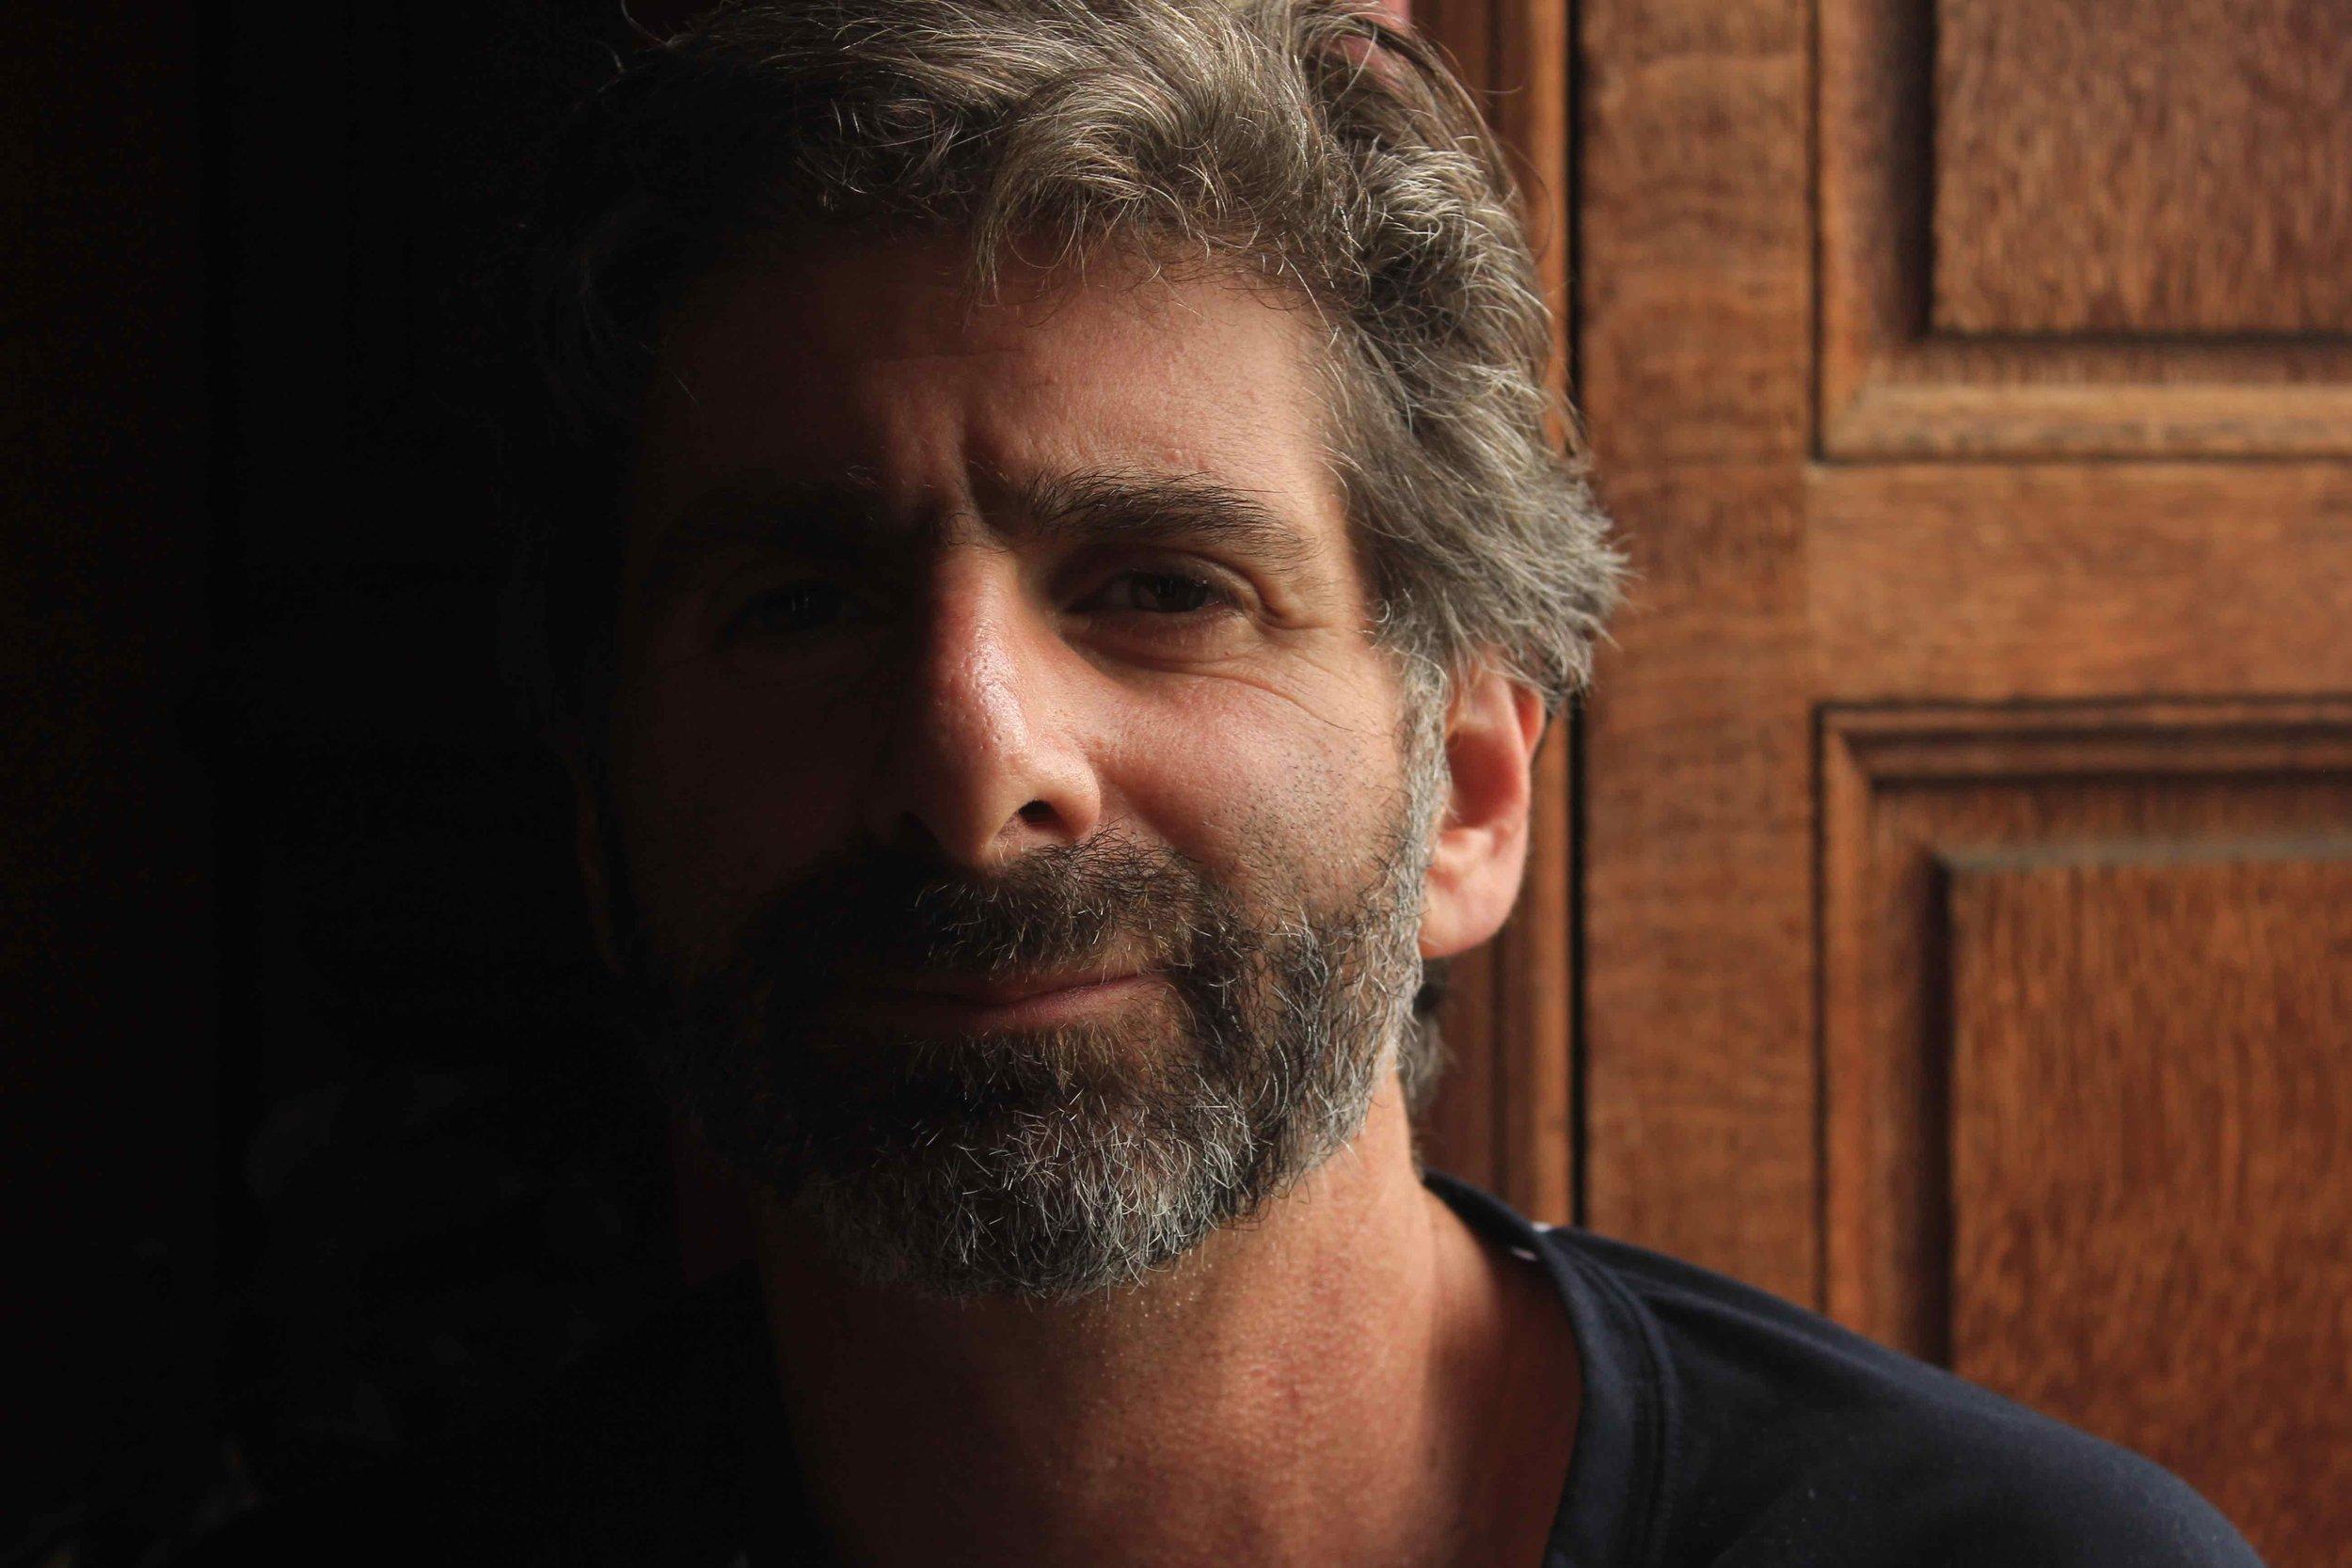 Simon Brasch - Just Treatment patient leader